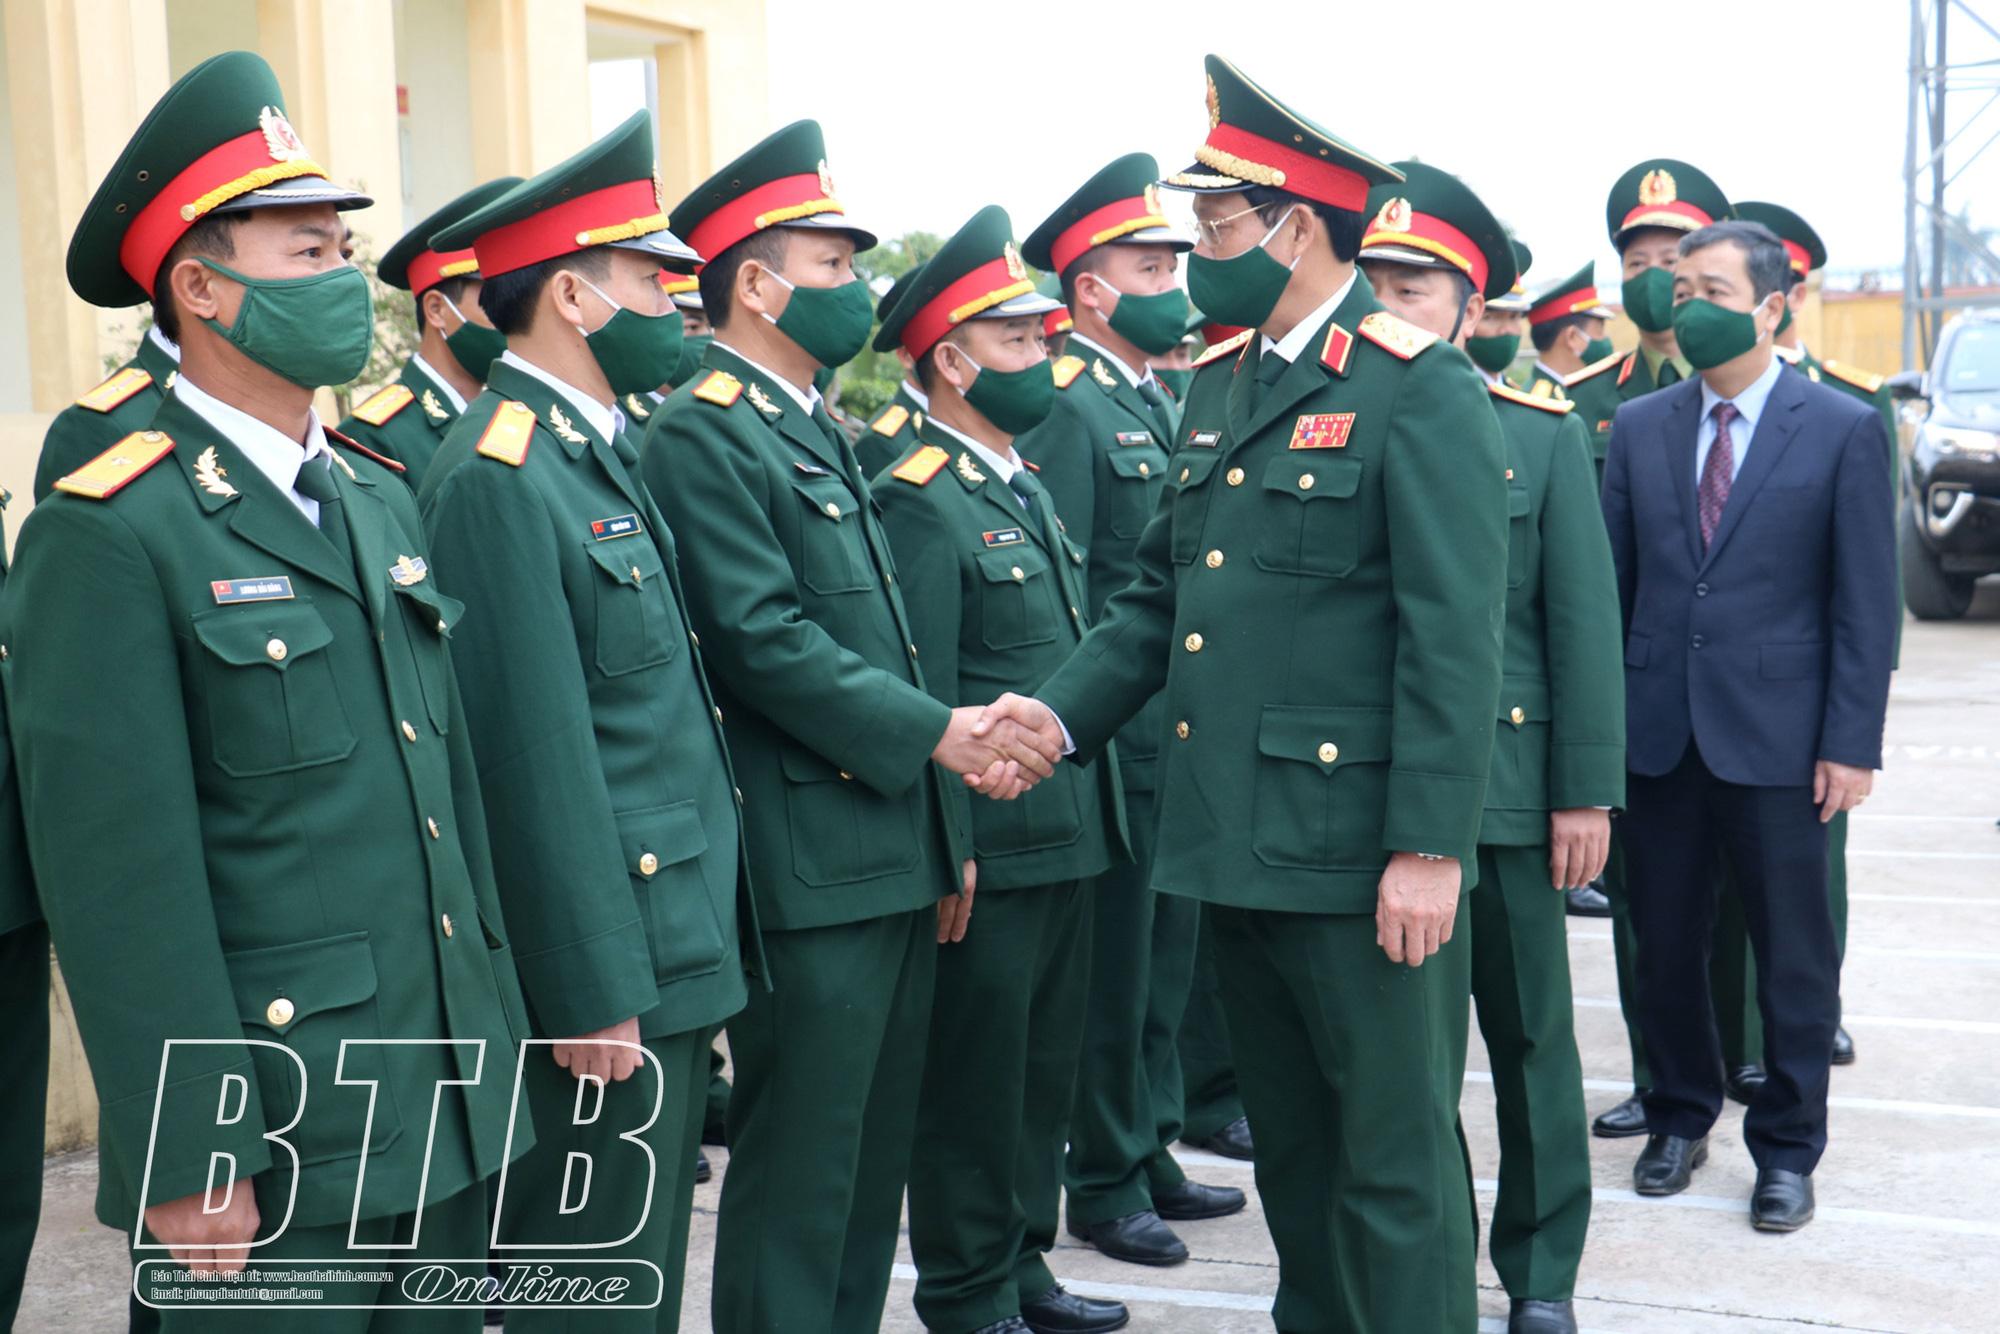 Phó Chủ nhiệm Tổng cục Chính trị QĐND Việt Nam: Đảm bảo phòng, chống Covid-19 an toàn về mọi mặt - Ảnh 1.